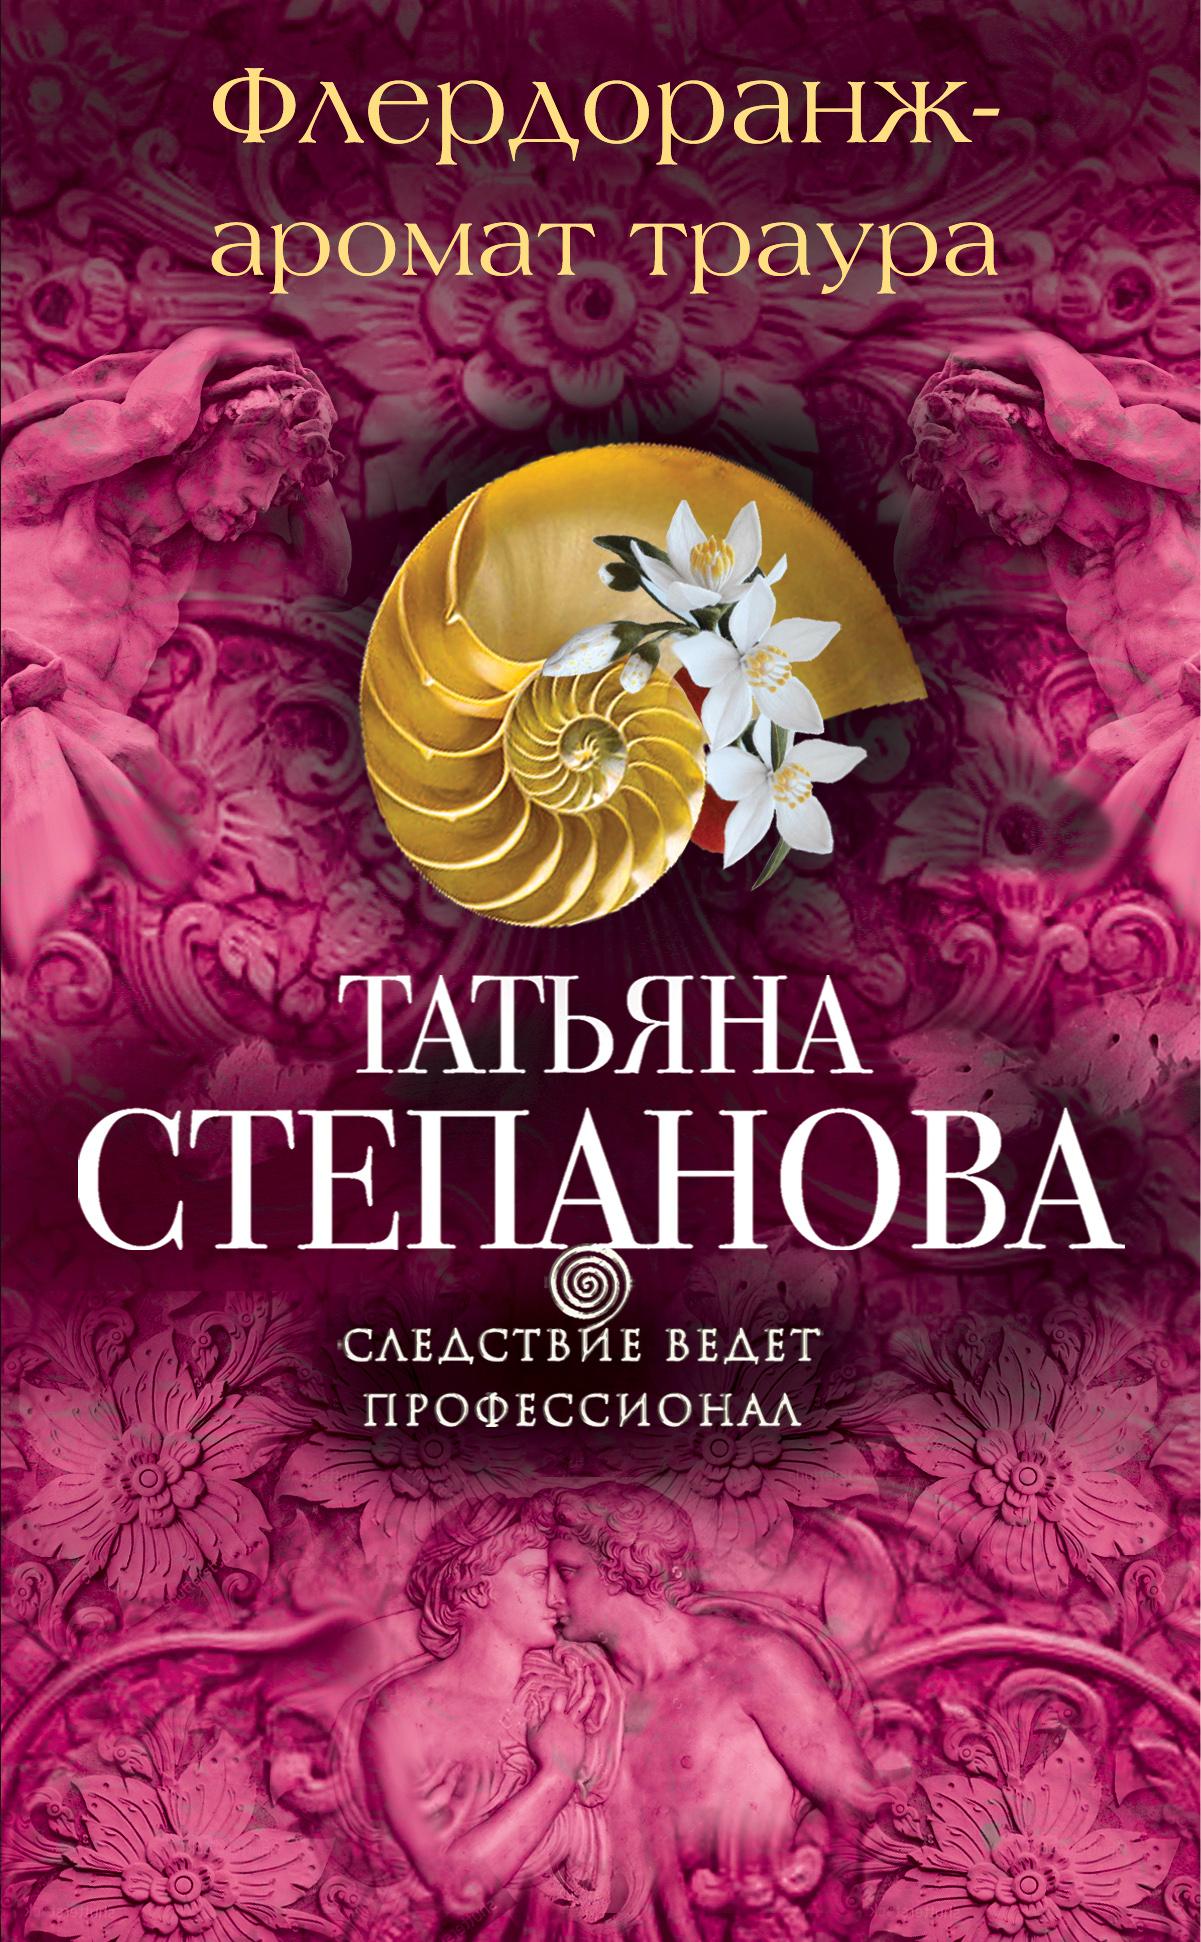 Степанова Т. Флердоранж - аромат траура